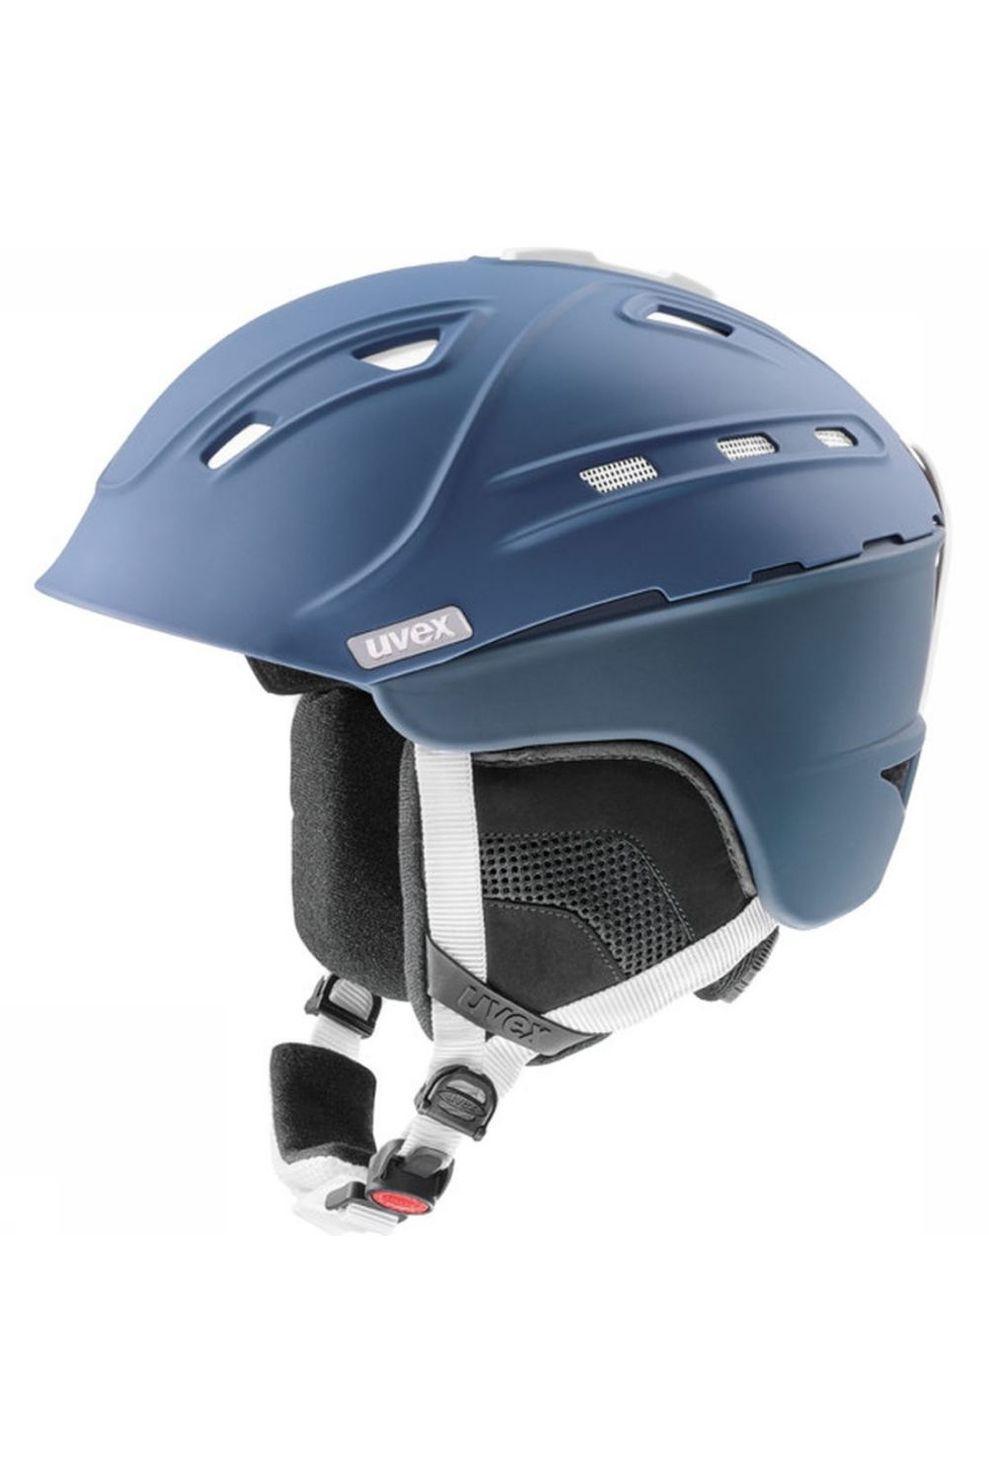 Uvex Skihelm P2Us voor heren - Blauw - Maat: 51